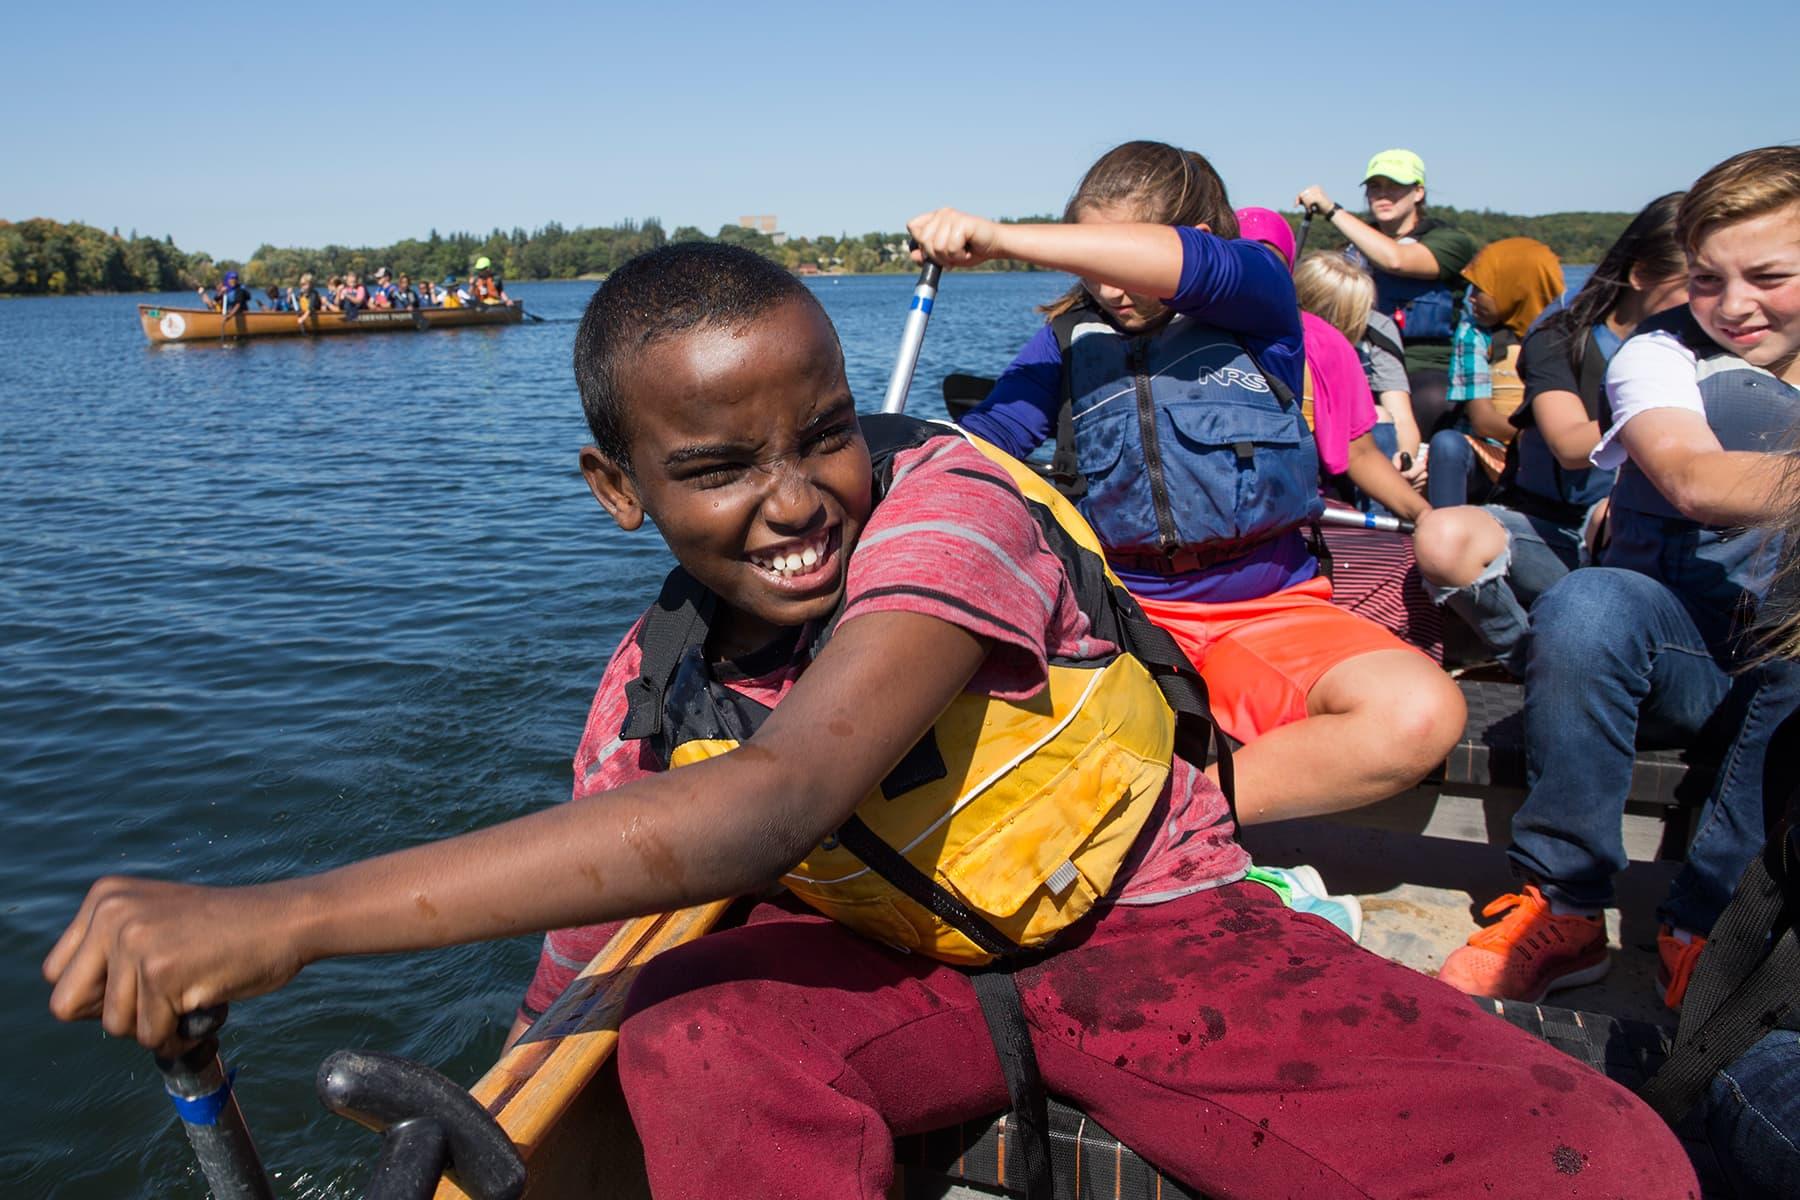 St. Cloud students paddle on Lake Sagatagan